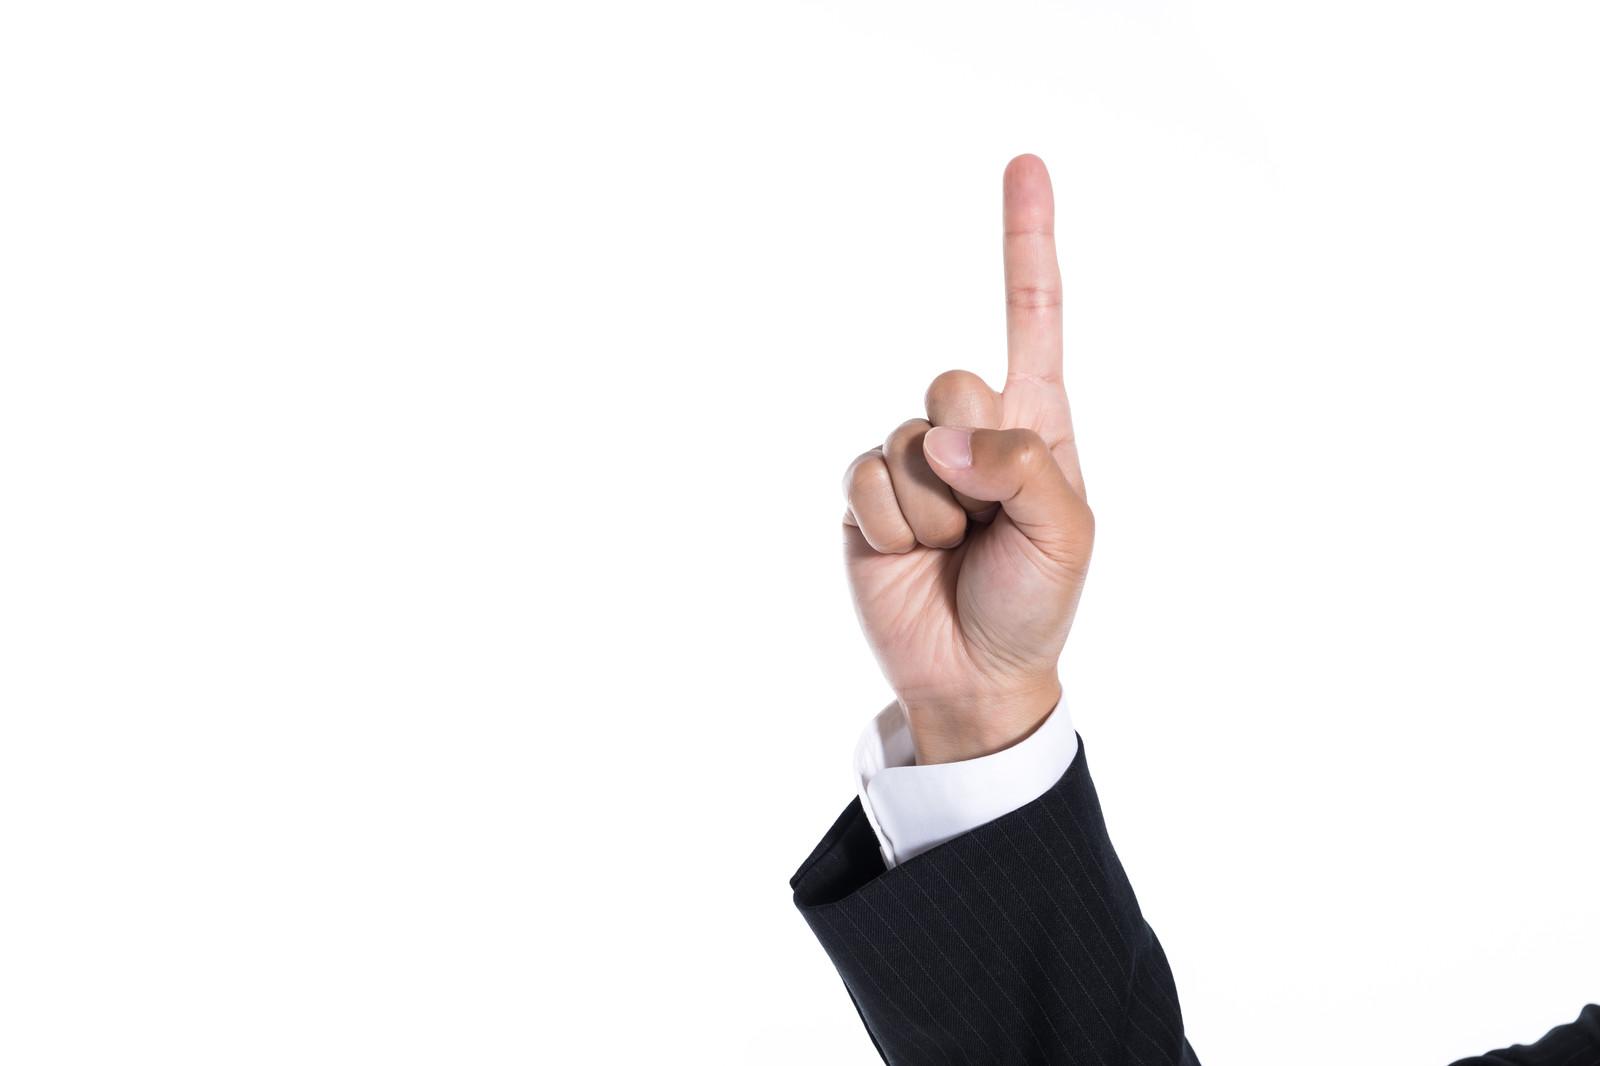 履歴書の書き方に要注意?電話番号・メールアドレス・住所の記入方法を解説!の画像2